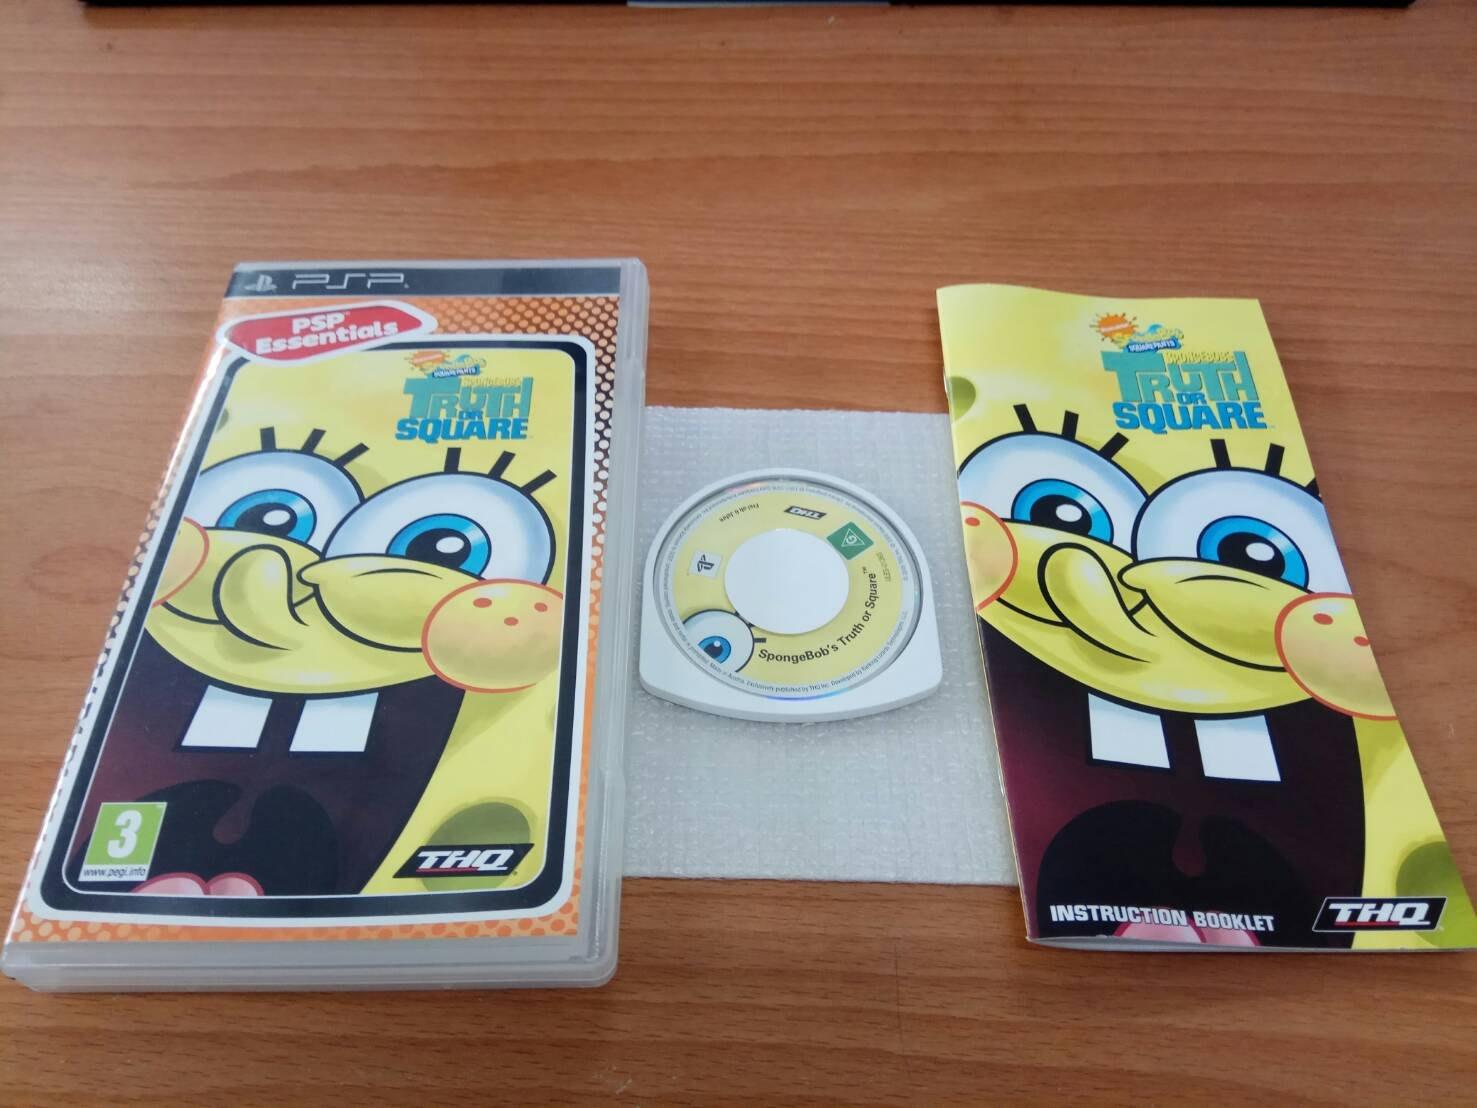 新北市板橋超便宜可面交賣PSP原版遊戲盒書都有~~海綿寶寶 皮老闆的詭計~~超便宜可直購